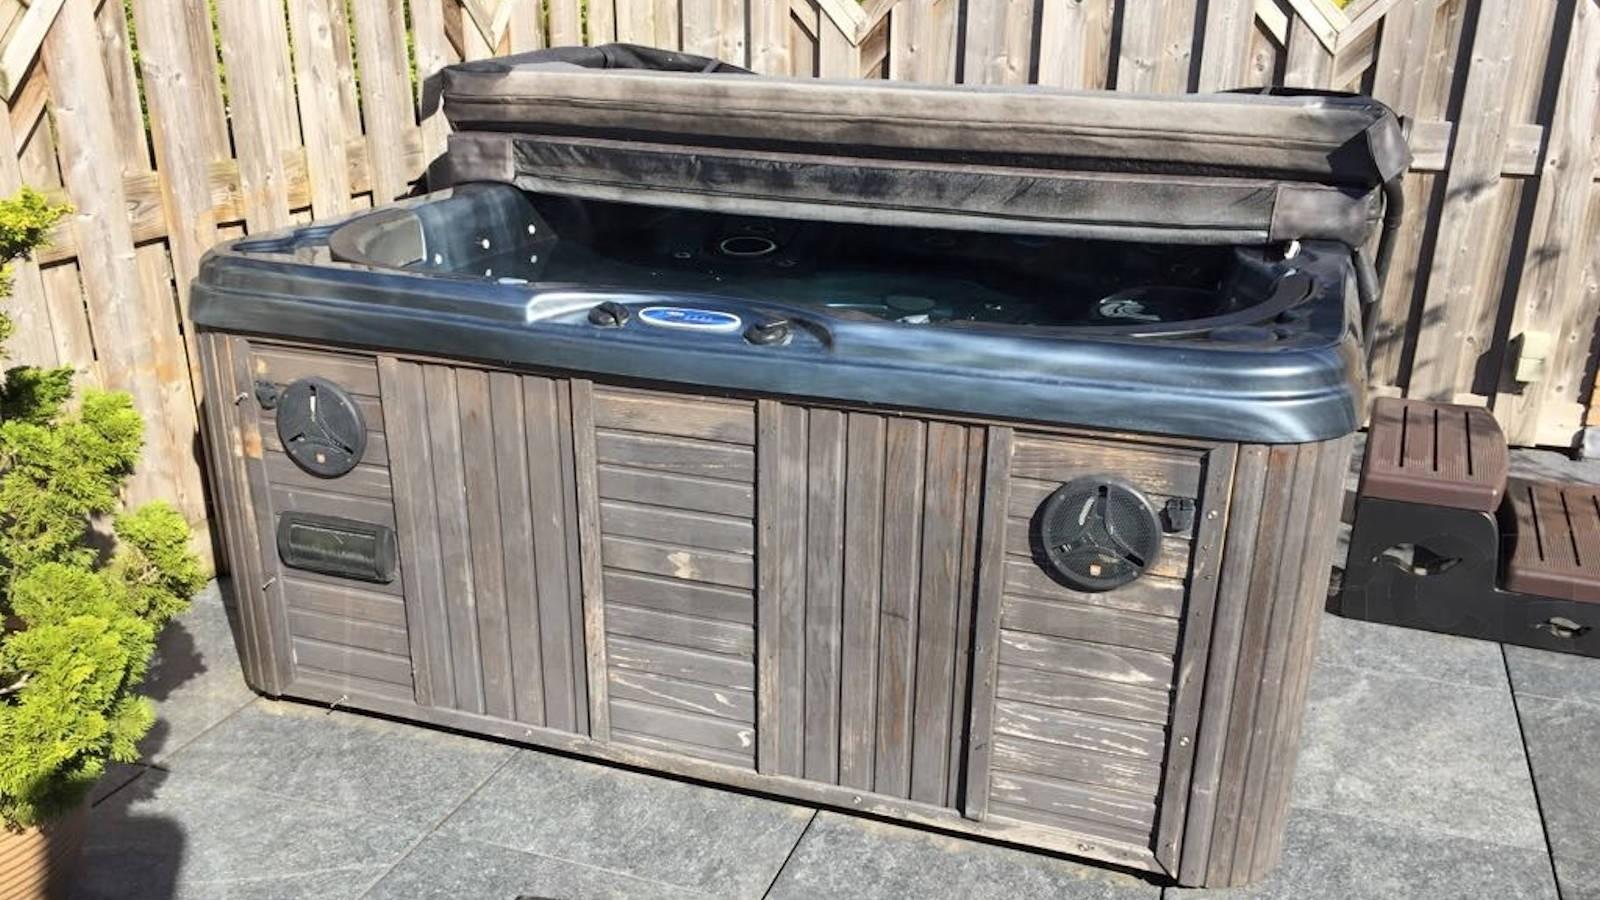 Ozonator vervangen van een Platinum spa in Kockengen